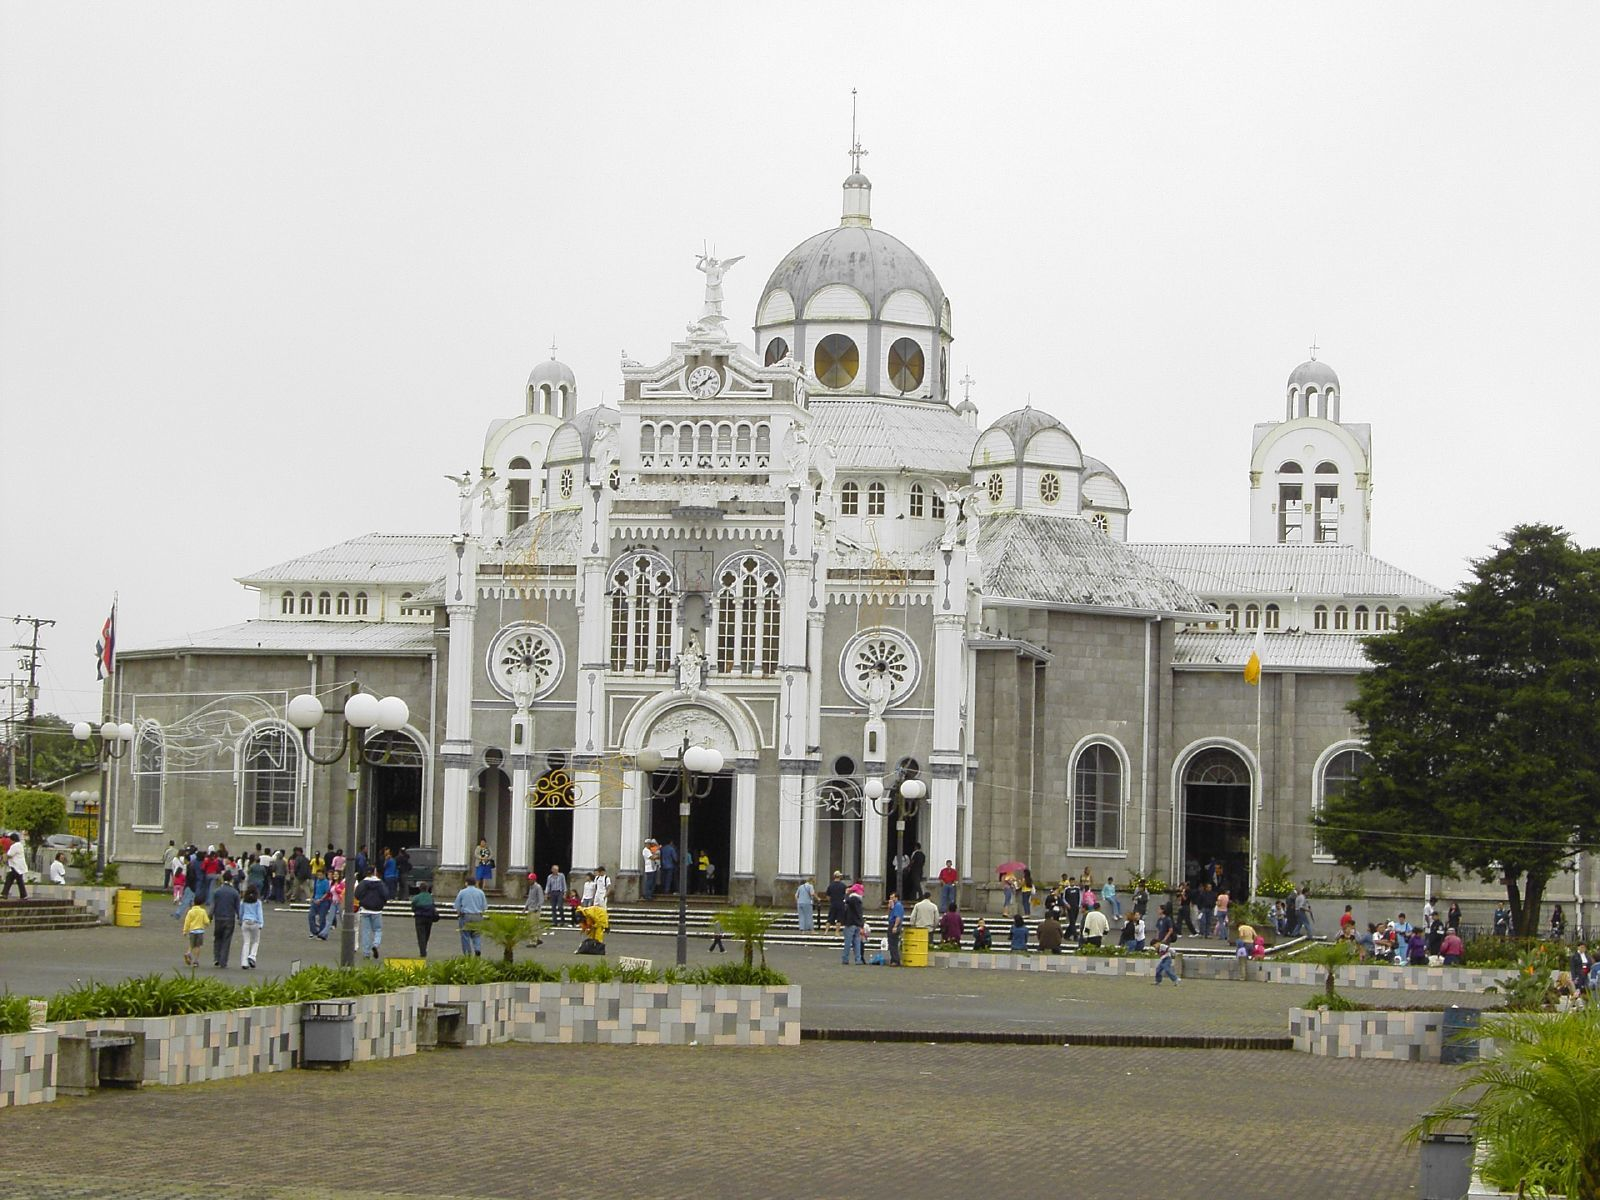 La Basilica de Nuestra Señora de los Ángeles